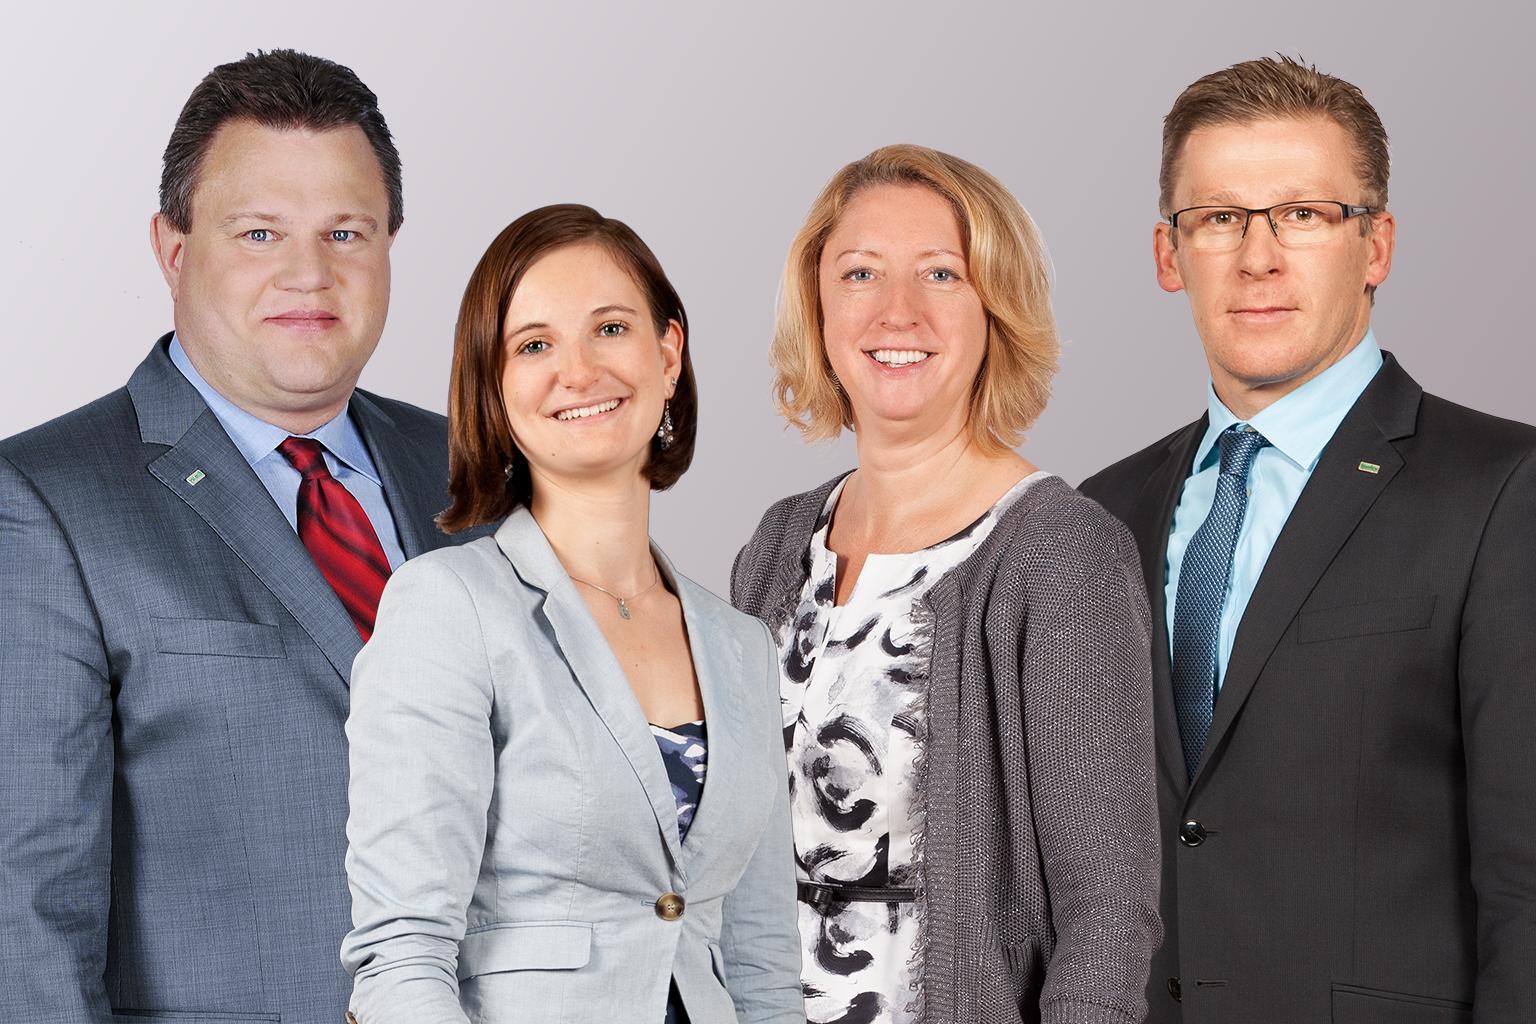 Tiroler versicherung team personenversicherungen